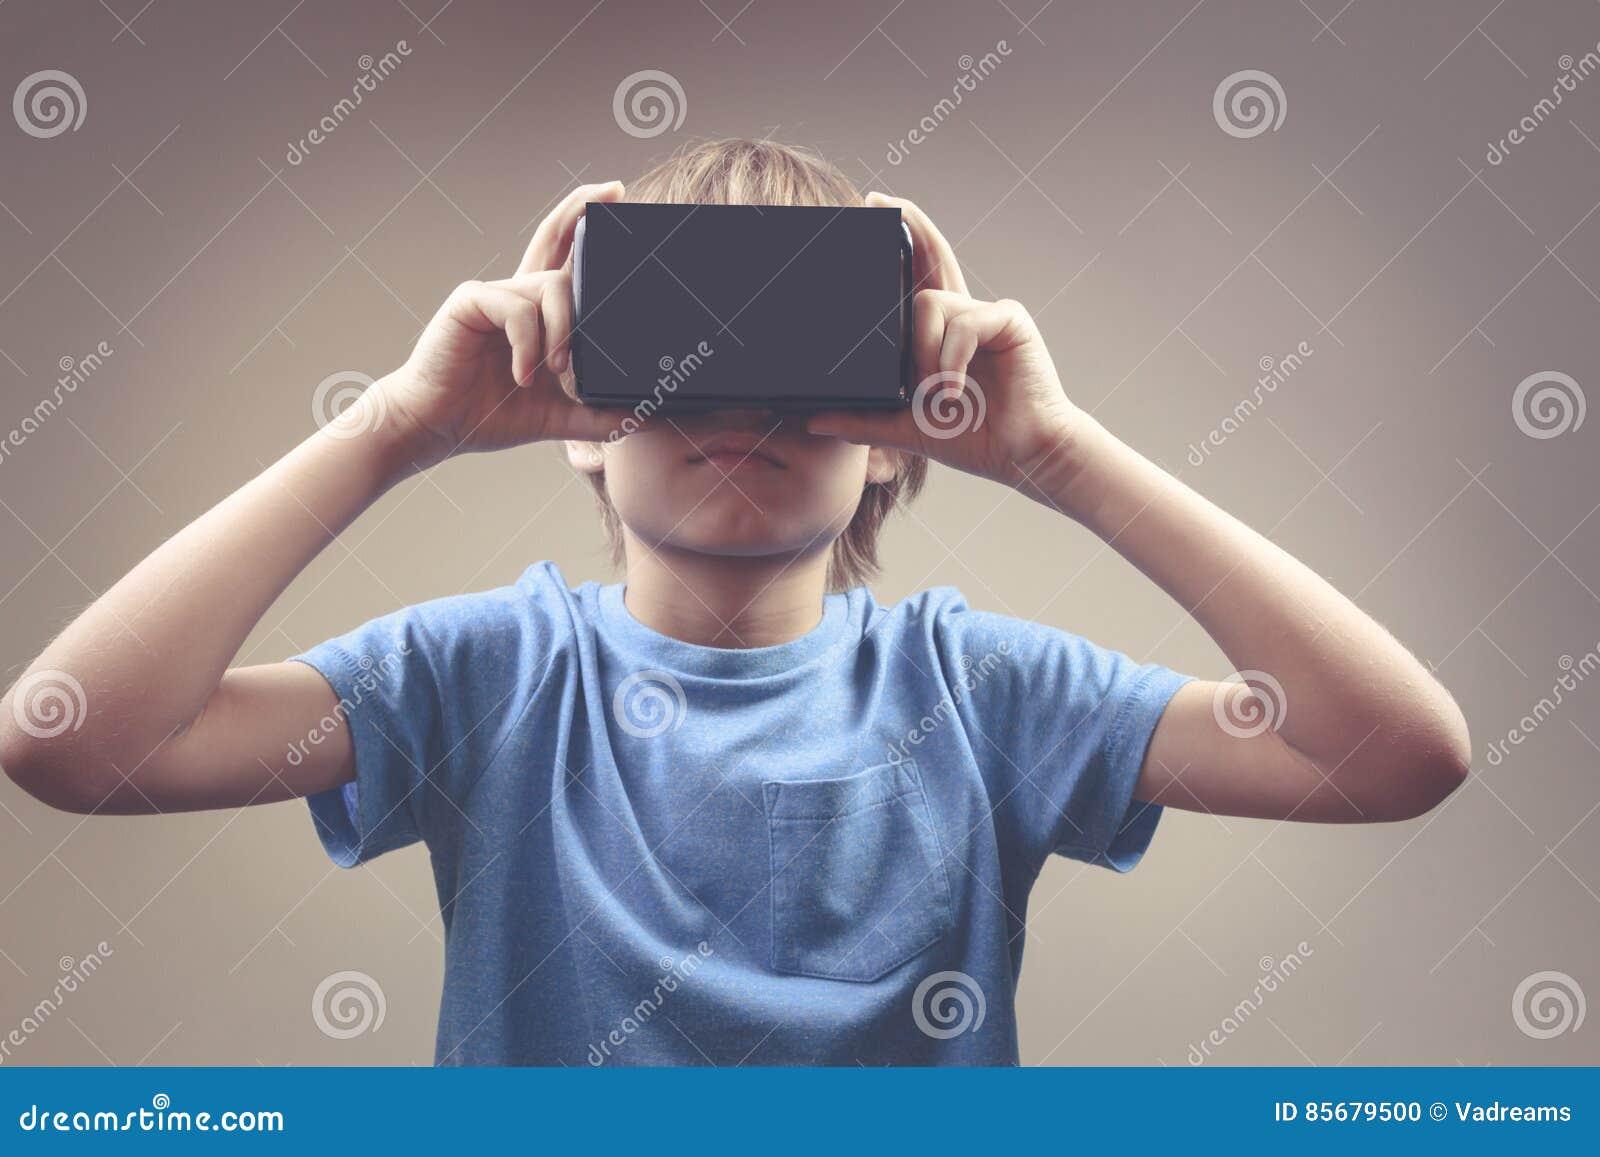 Enfant employant la nouvelle 3D réalité virtuelle, verres de carton de VR